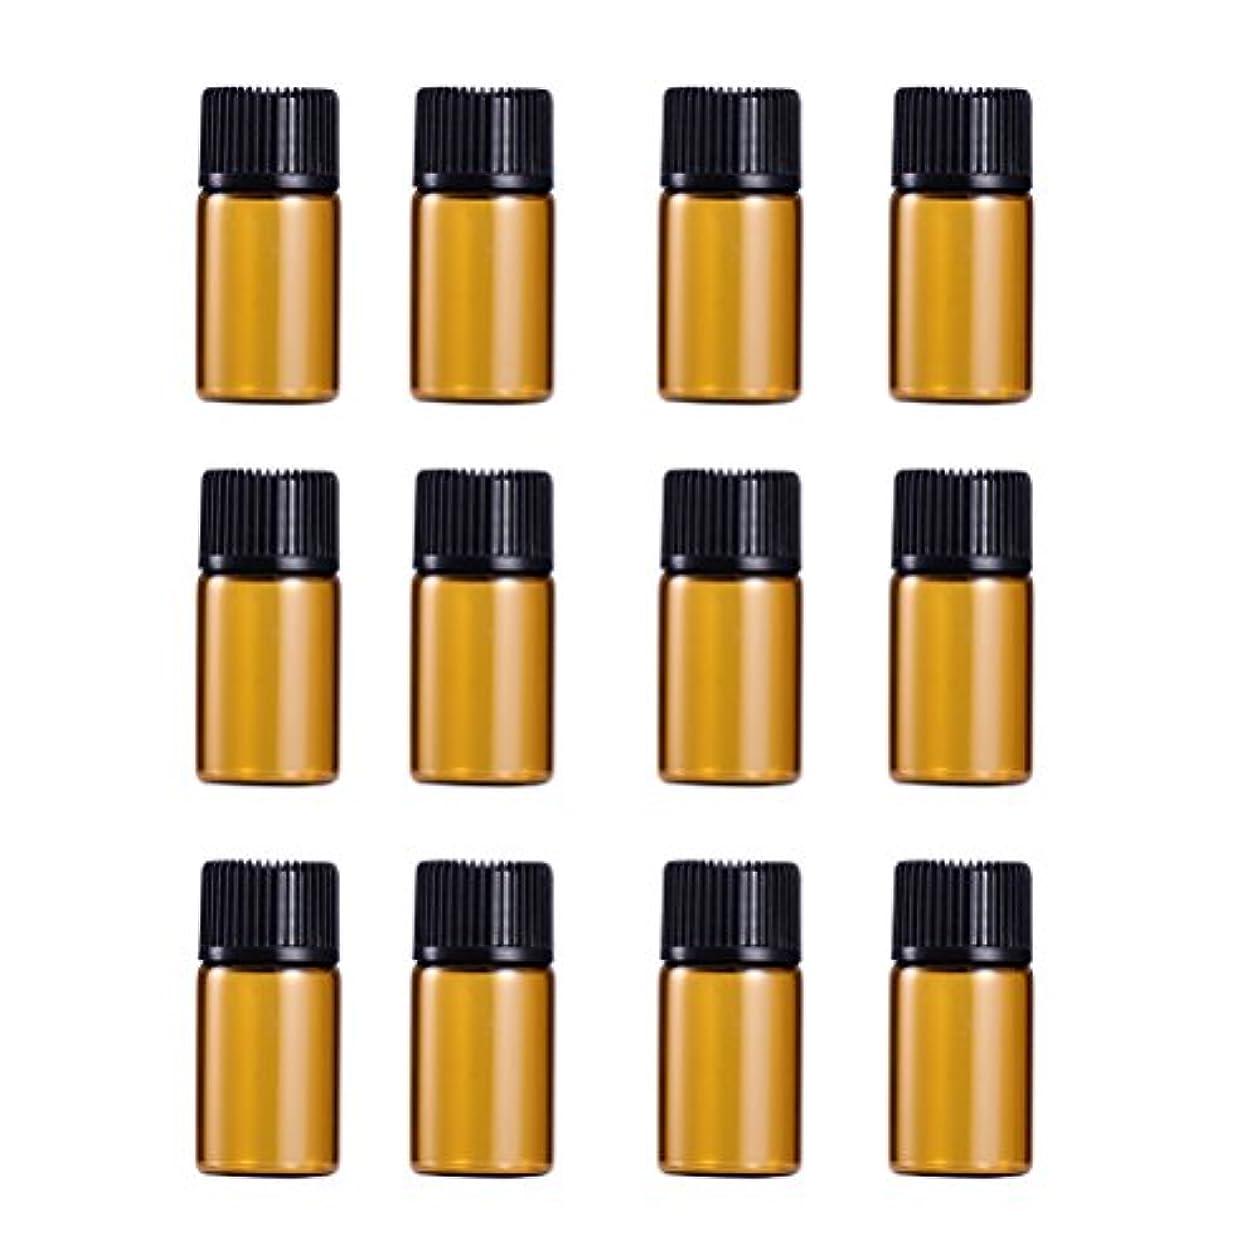 ギャロップ基礎理論褐色LURROSE 18 PCミニオイルボトルアンバーサンプルバイアル小エッセンシャルオイルボトル旅行が必要